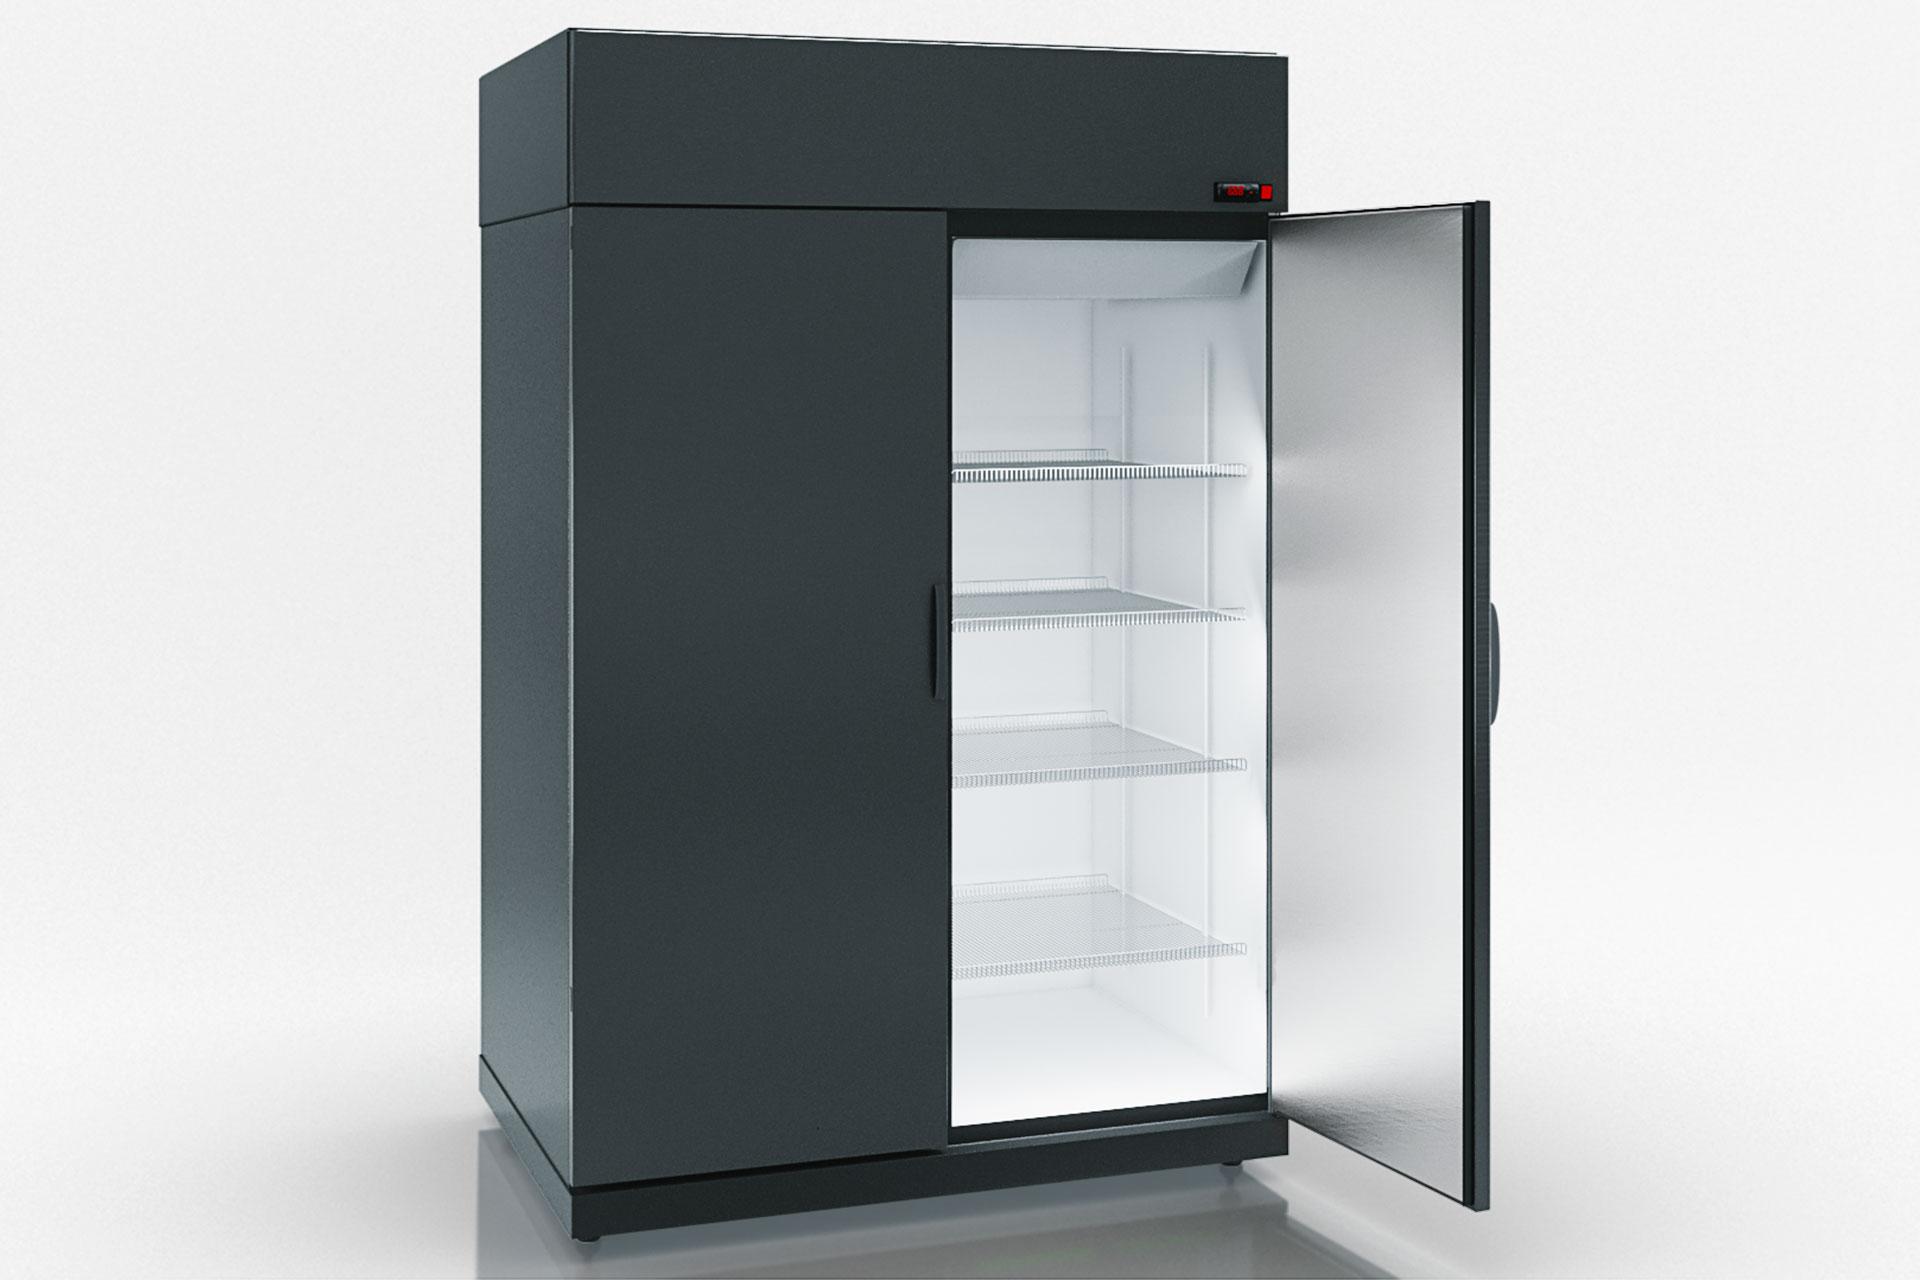 Kühlschränke Texas 1000/1200/1600 VA AO 065/075/085 MT/HT DNT 210-DLA